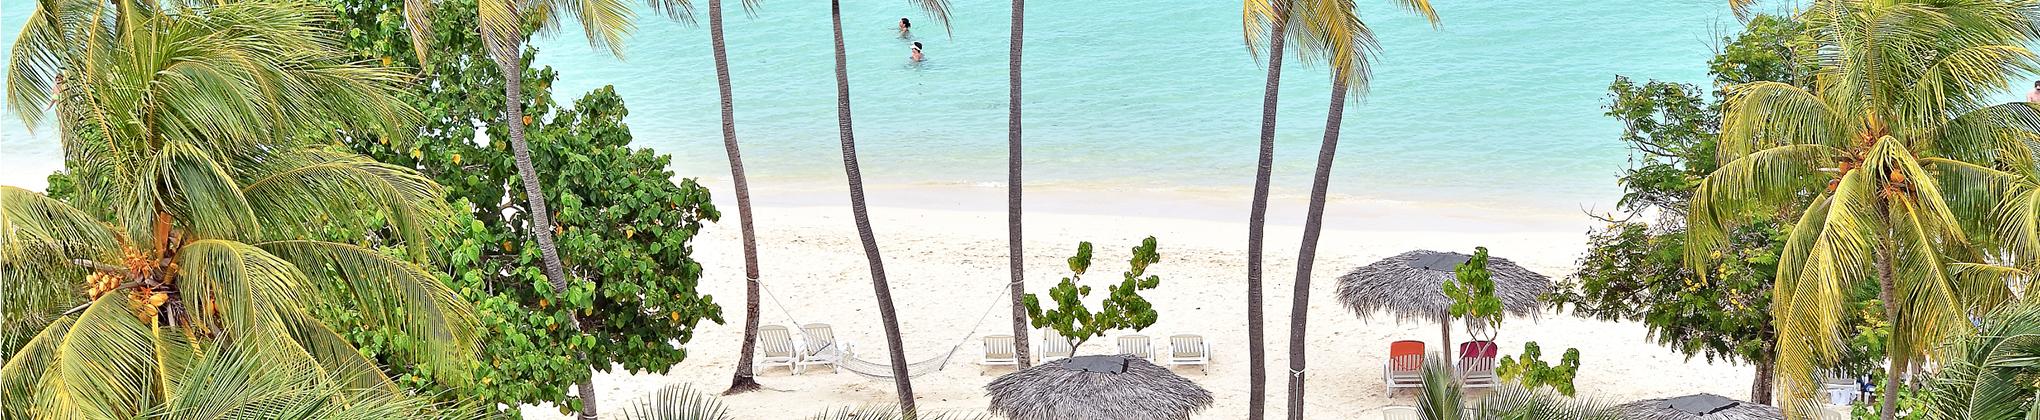 Paysages tropicaux à Holguín : eaux turquoise, sable blanc et forêts verdoyantes